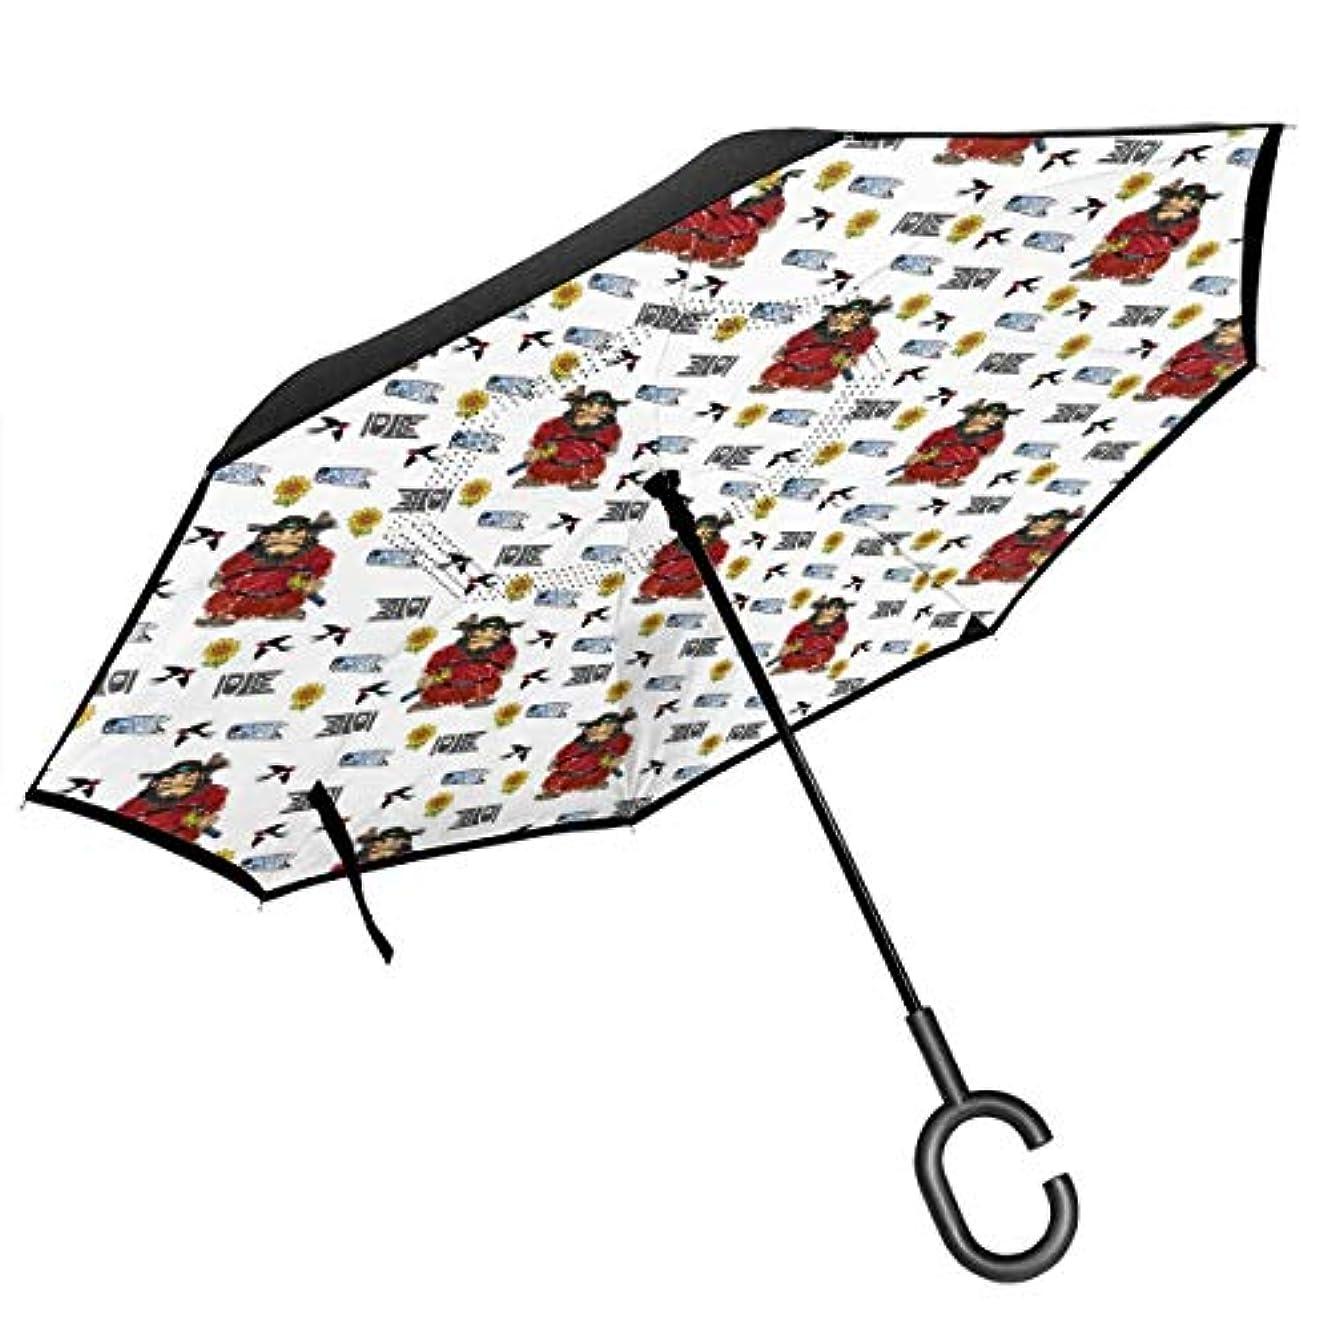 脊椎リーガン肥沃な長傘 逆折り式傘 車用傘 閉じると自立可能 耐風 撥水 遮光遮熱 コーティング C型手元 UVカット 8本骨 晴雨兼用 神様